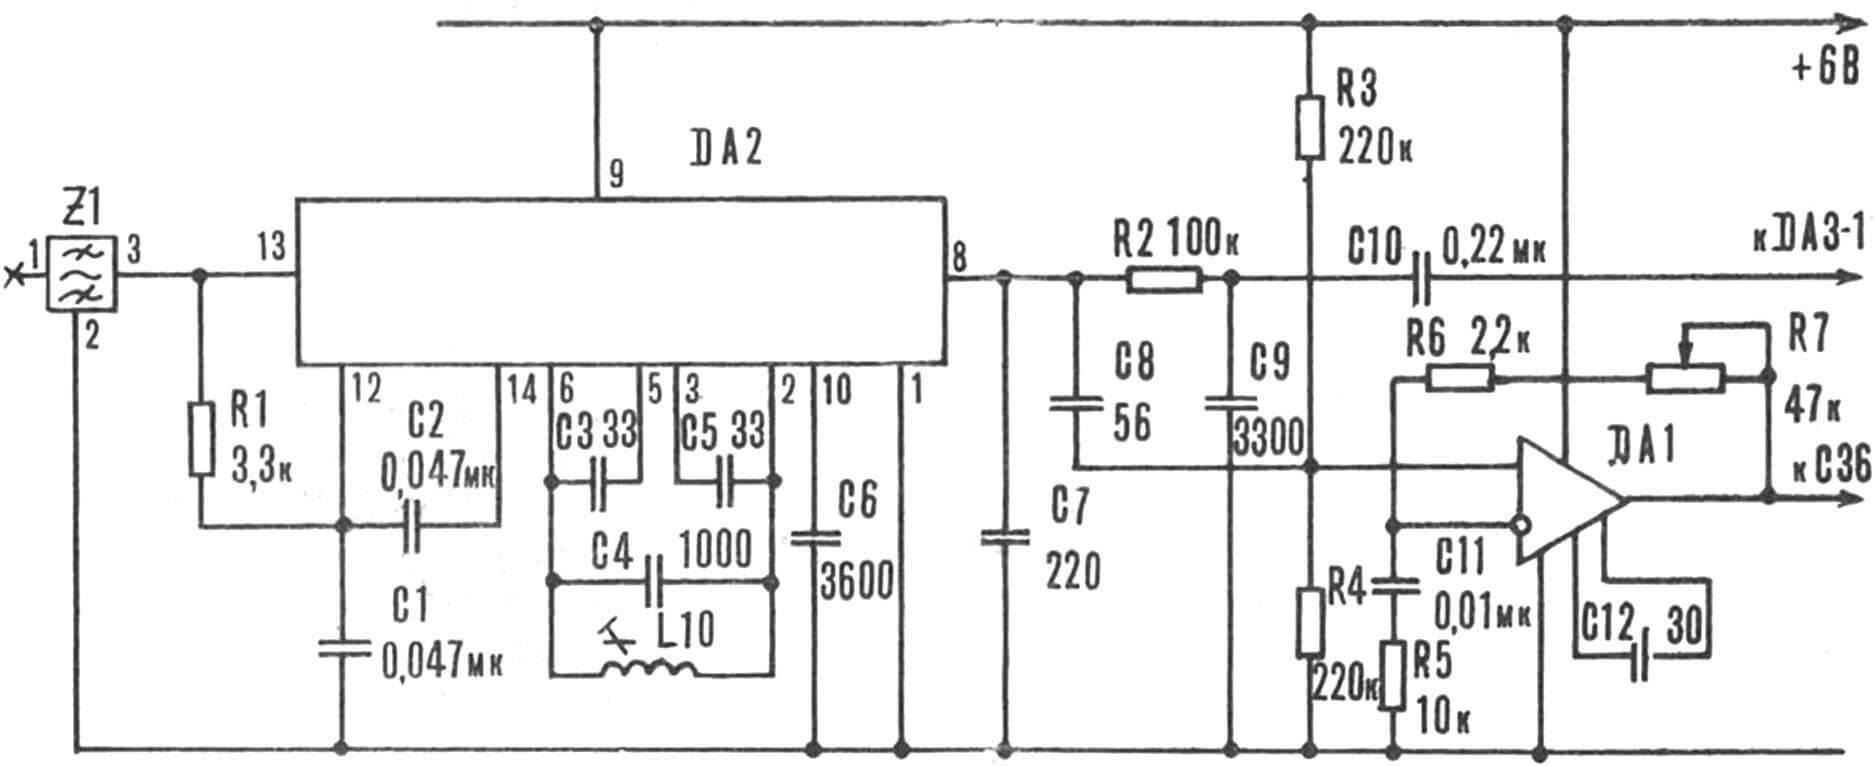 Фрагмент принципиальной схемы при замене ИМС типа К174УР7 на К174УРЗ с дополнением усилителя шумоподавителя микросхемой К153УД2